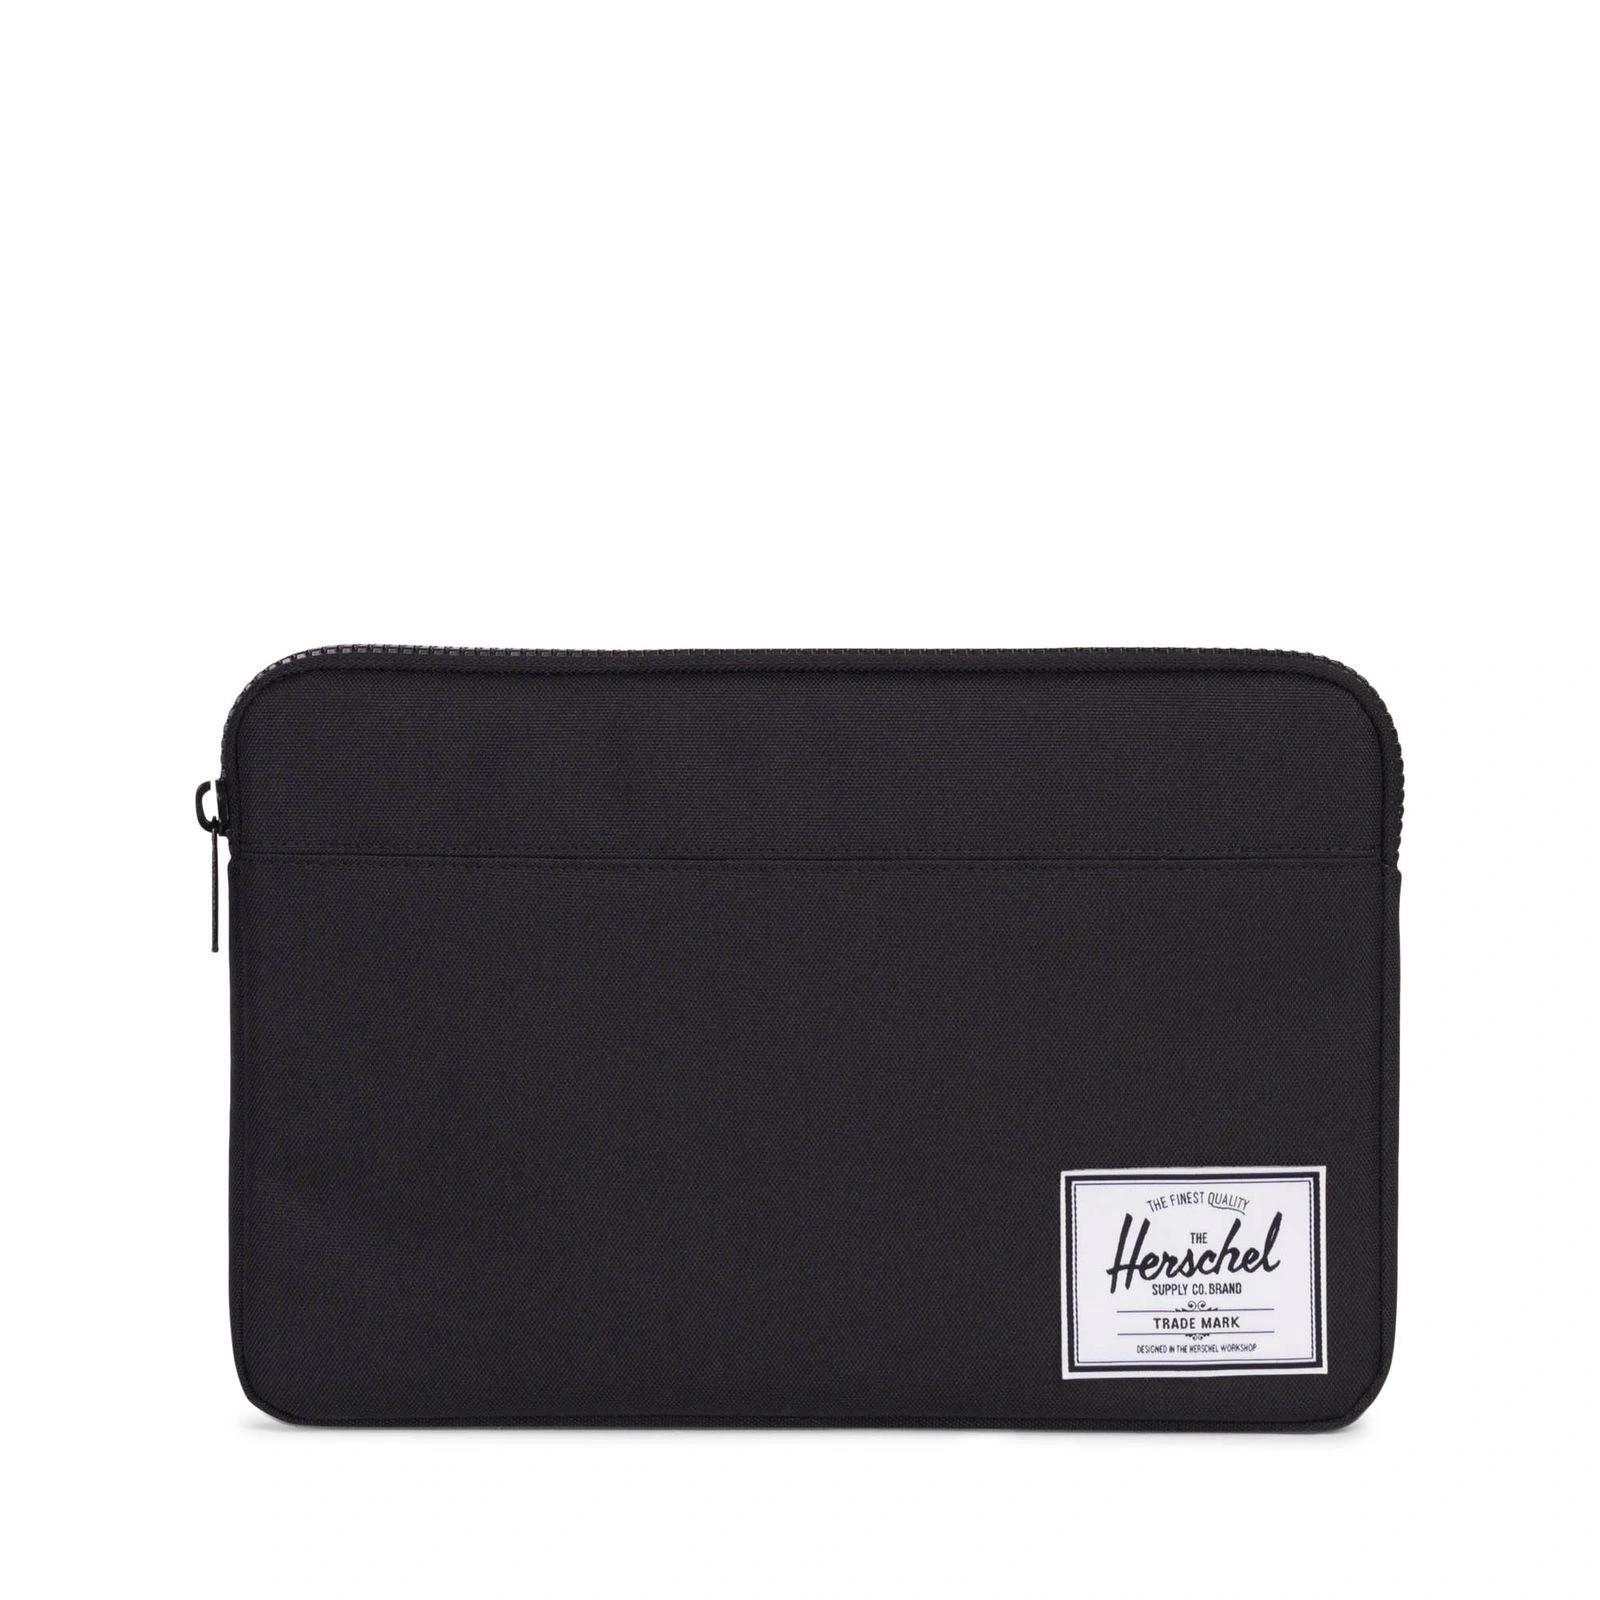 Herschel Laptop Kılıfı Anchor Sleeve Black Macbook 12''